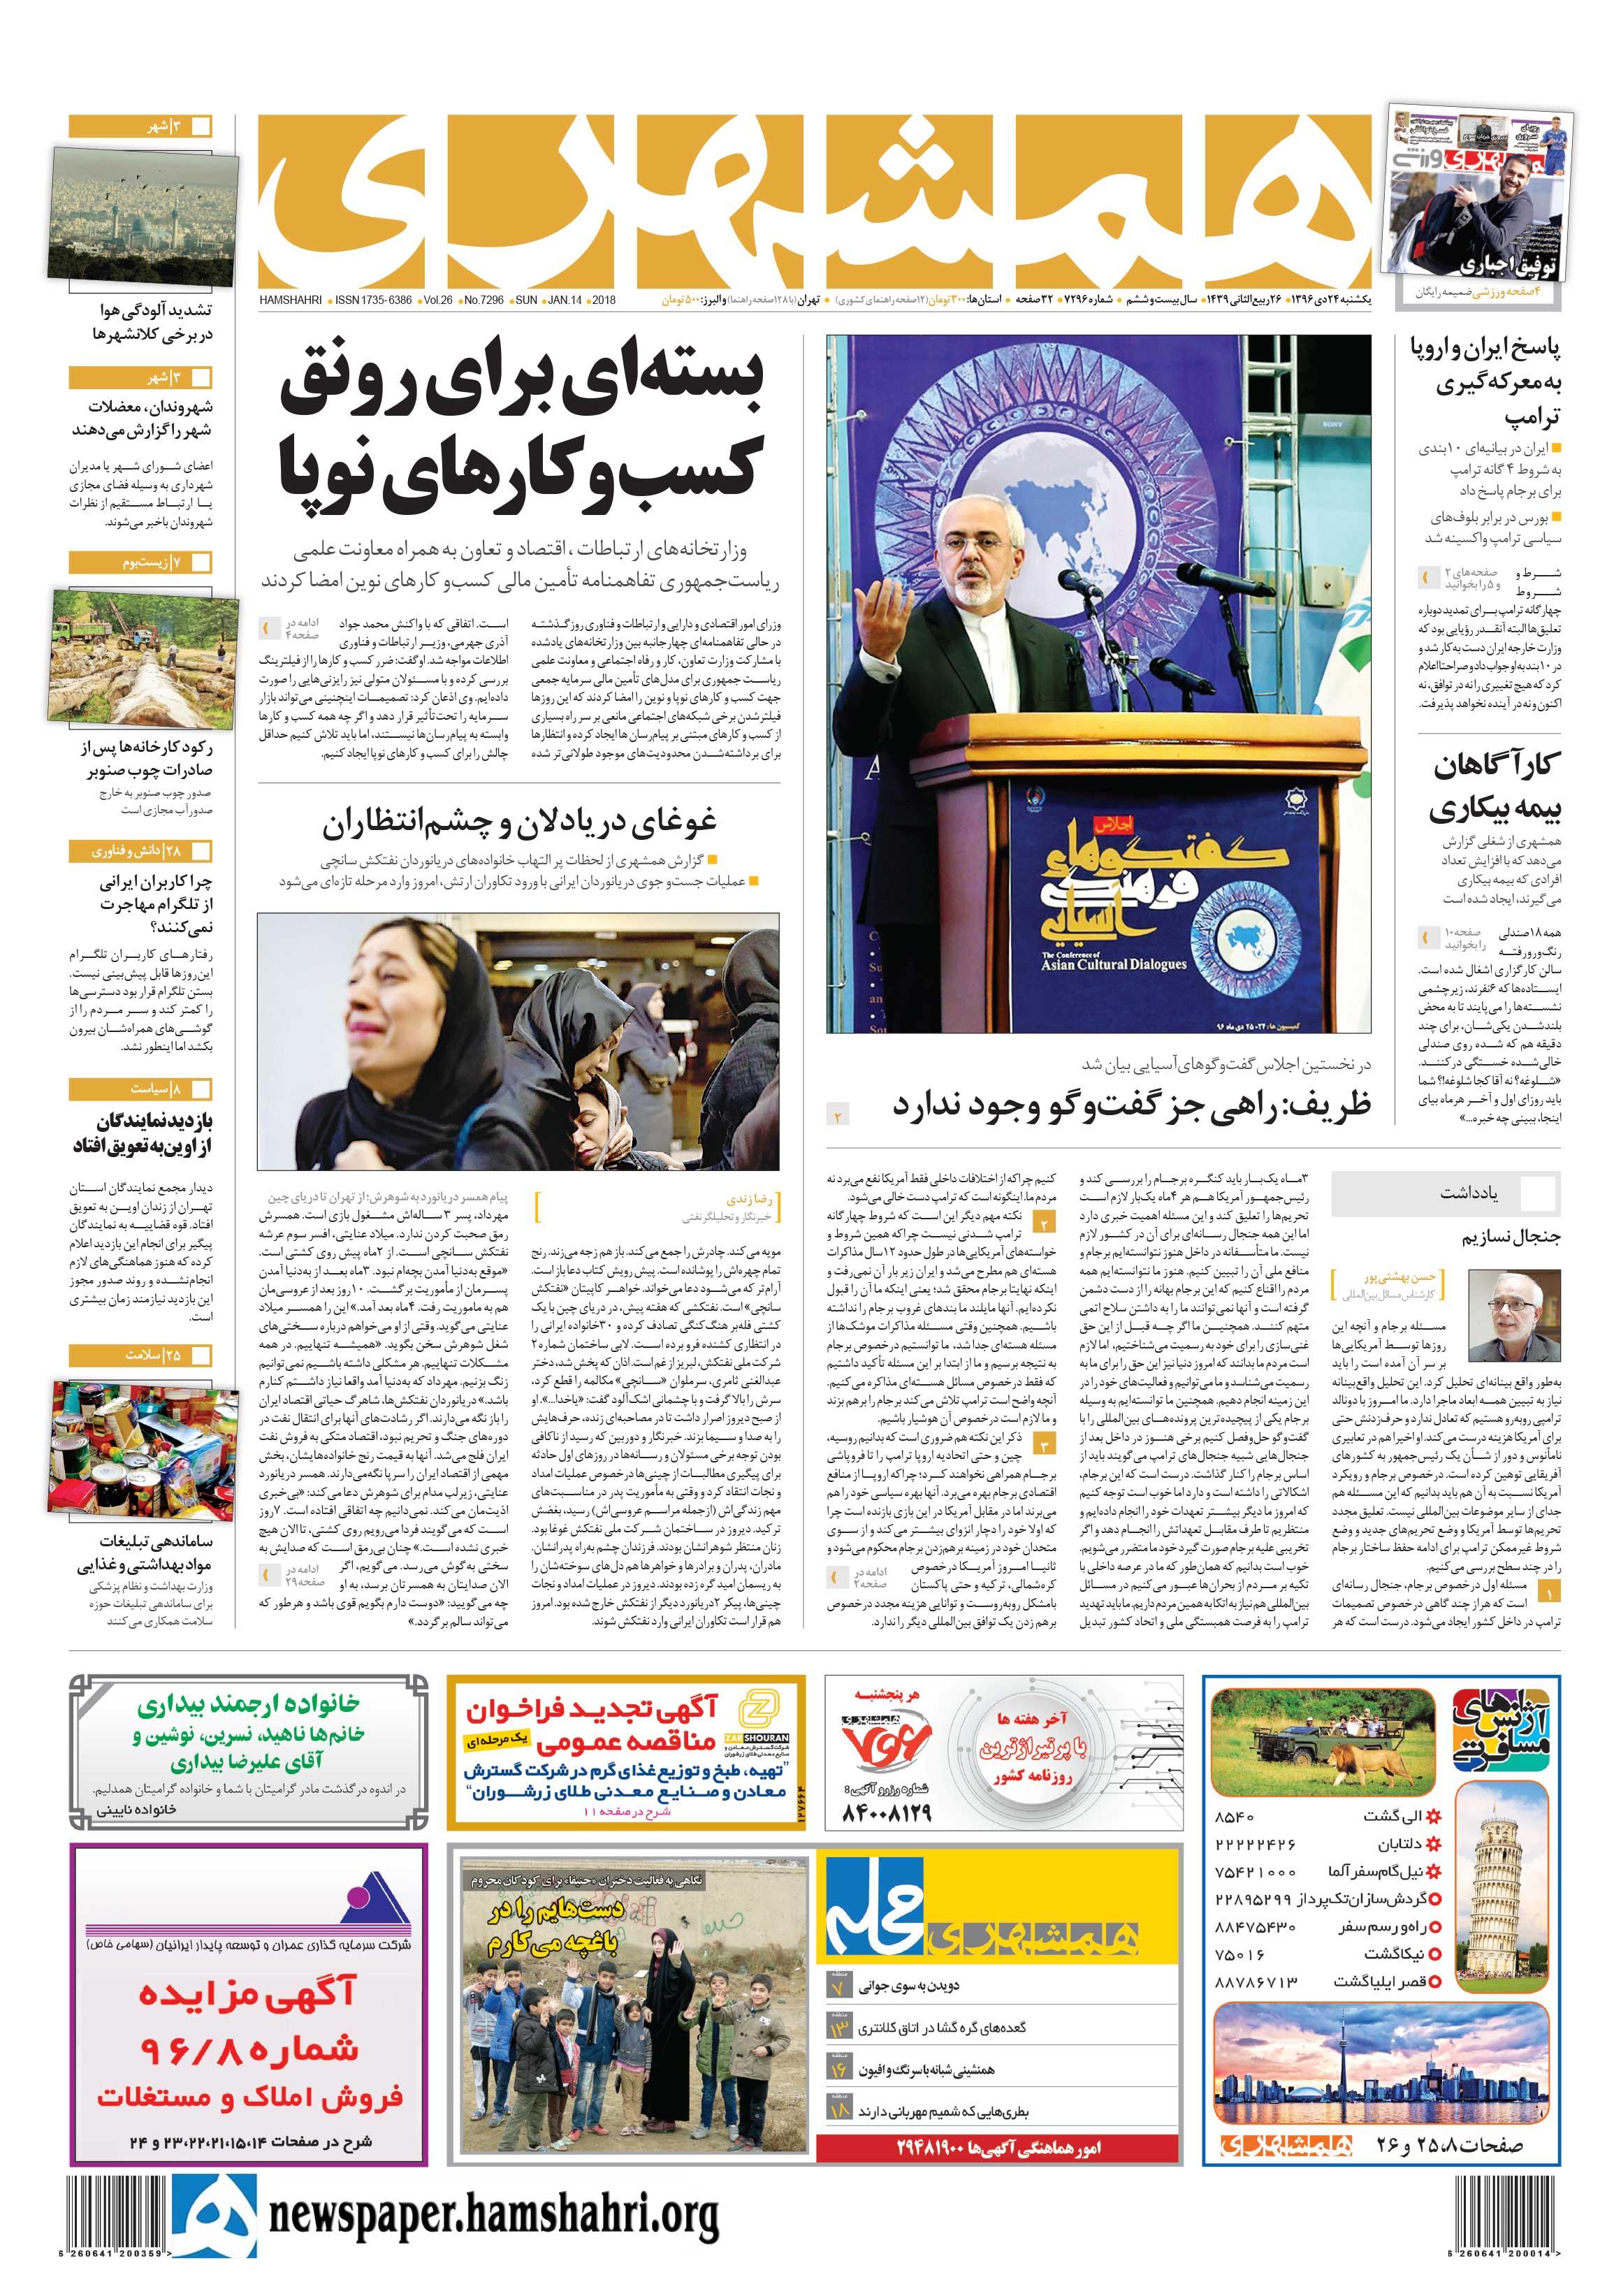 صفحه اول یکشنبه 24 دیماه 1396